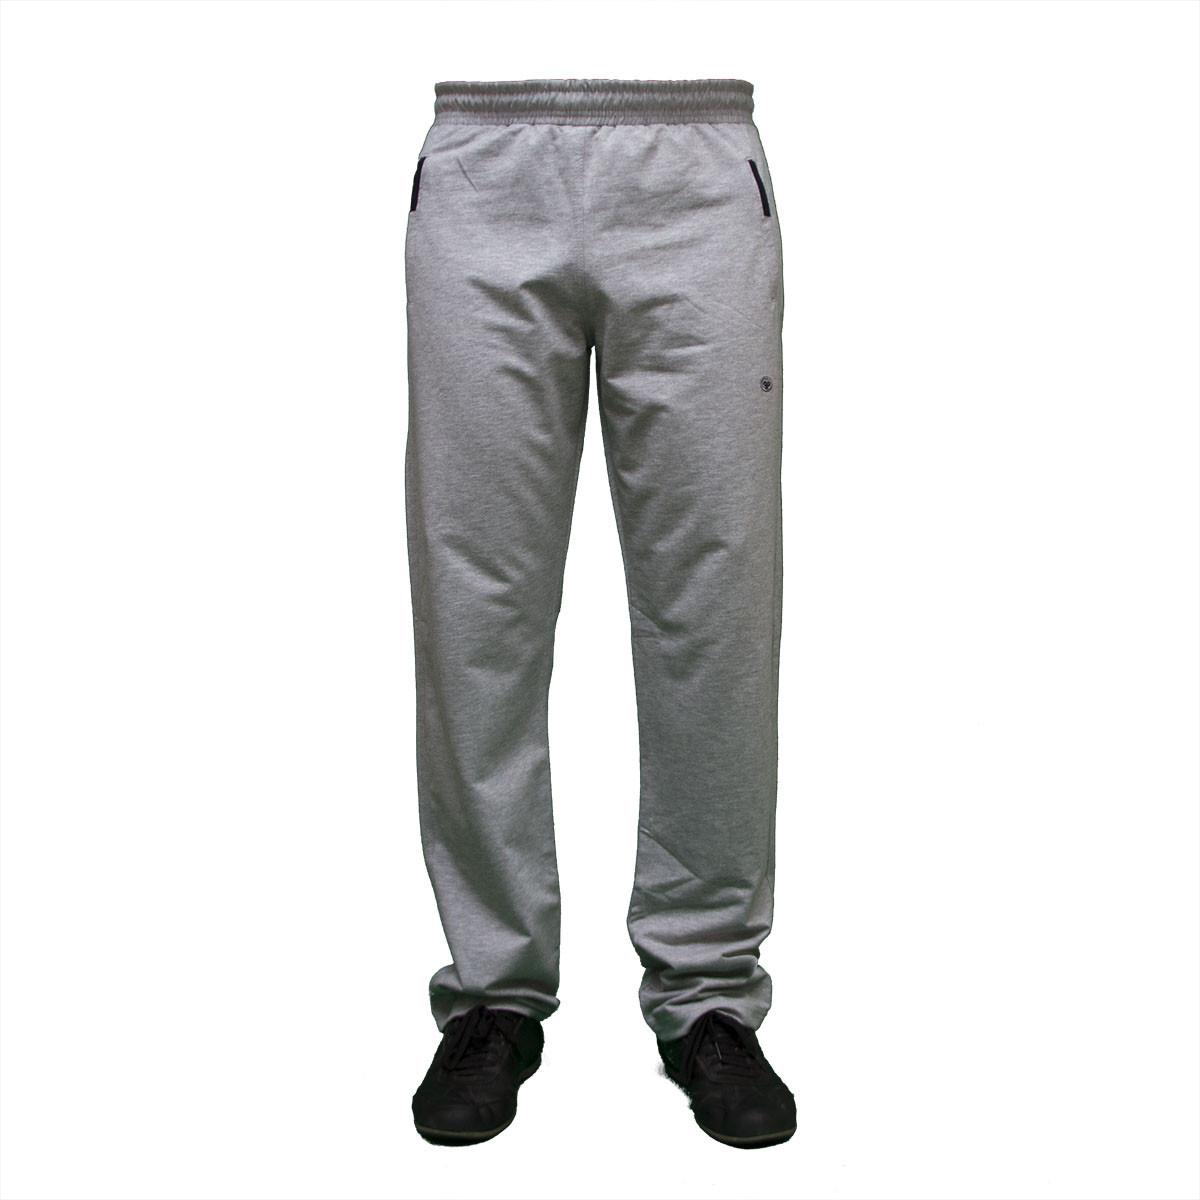 Спортивные штаны мужские новые модели   тм. PIYERA  № 123-2